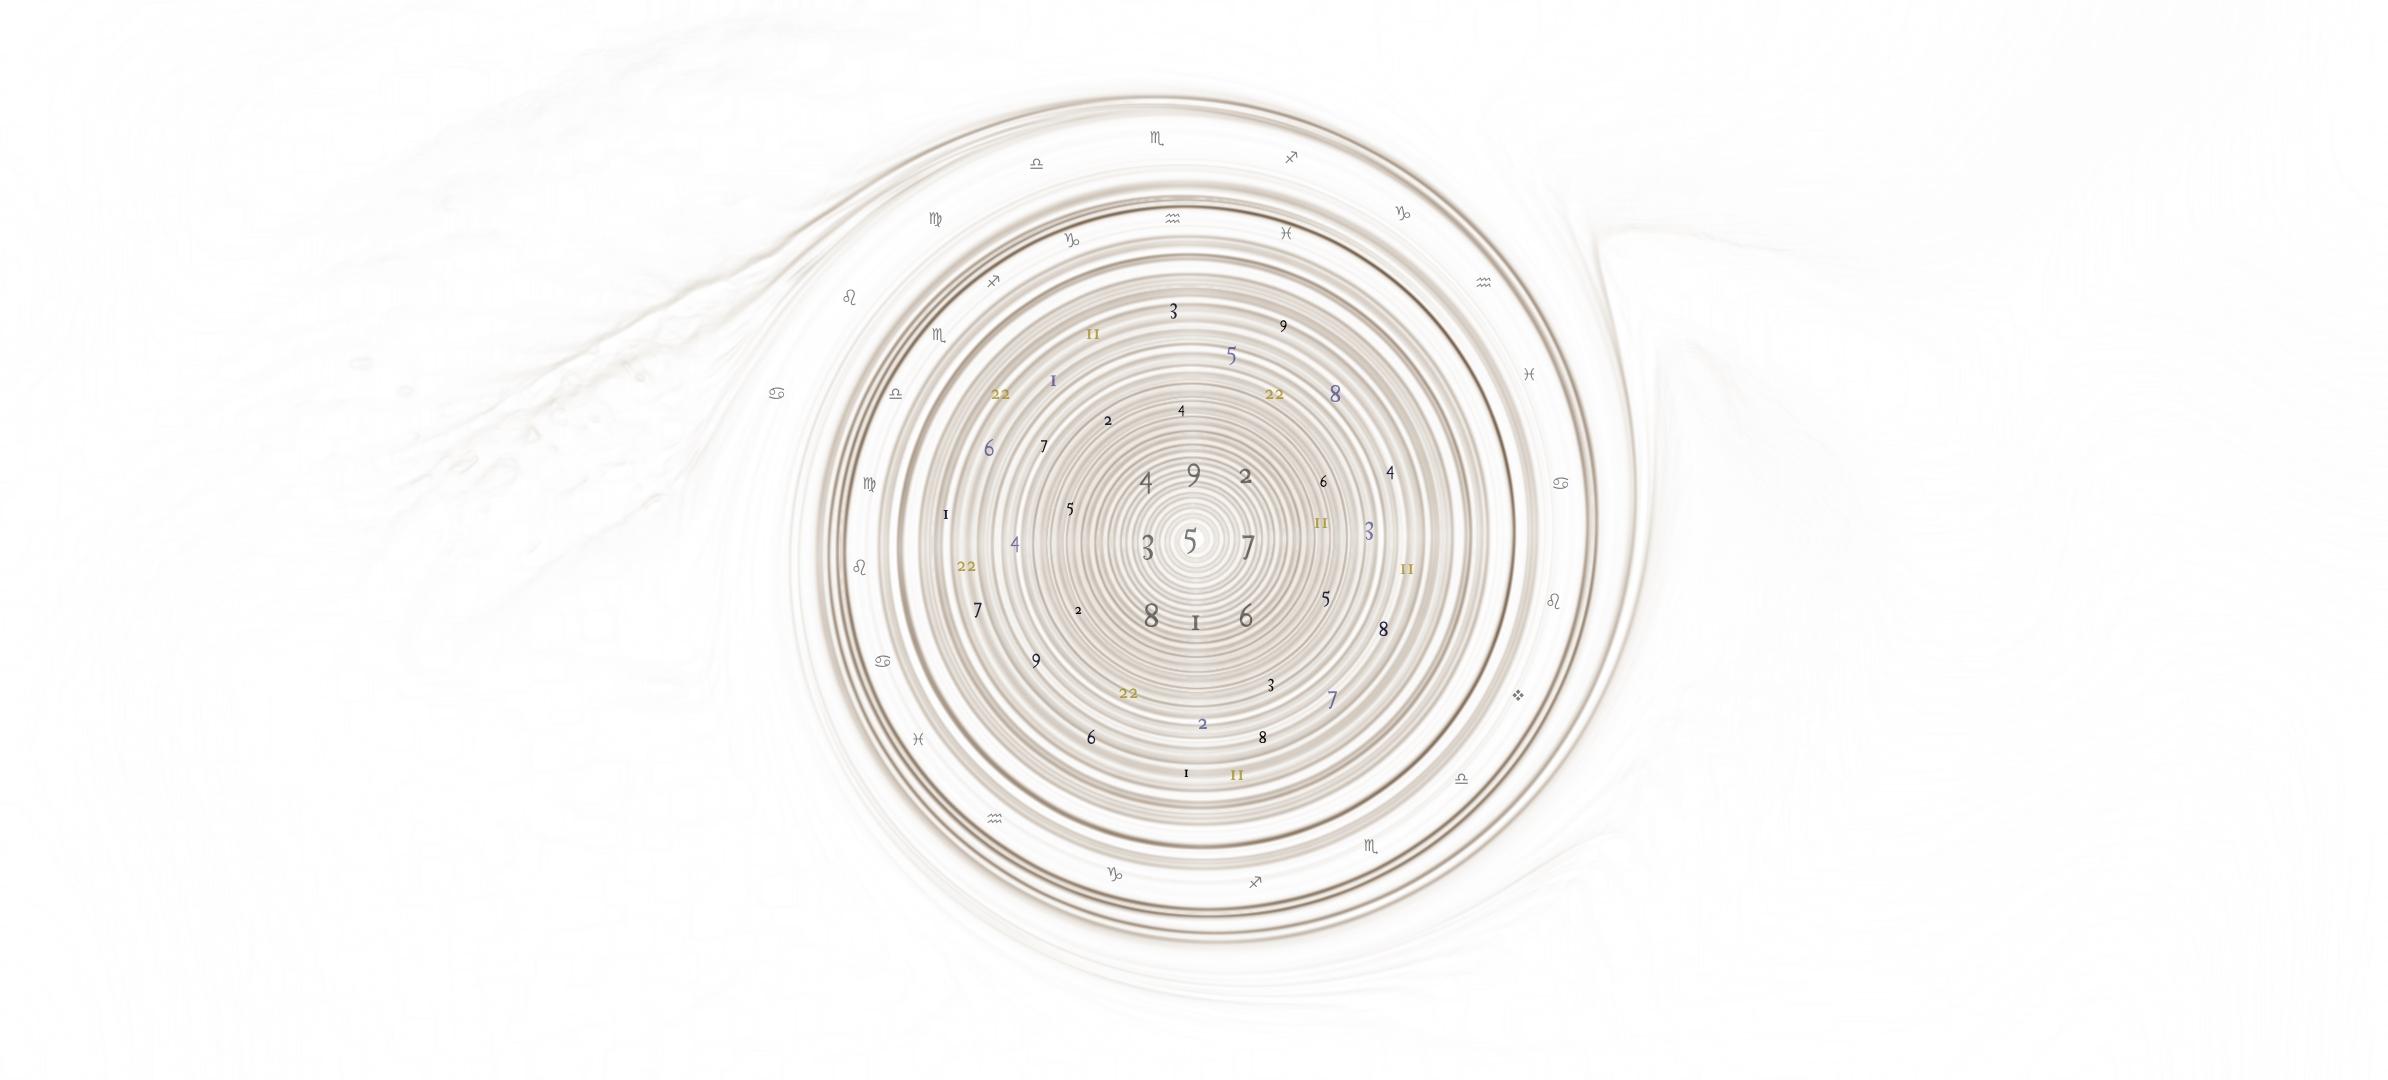 Number spiral.jpg